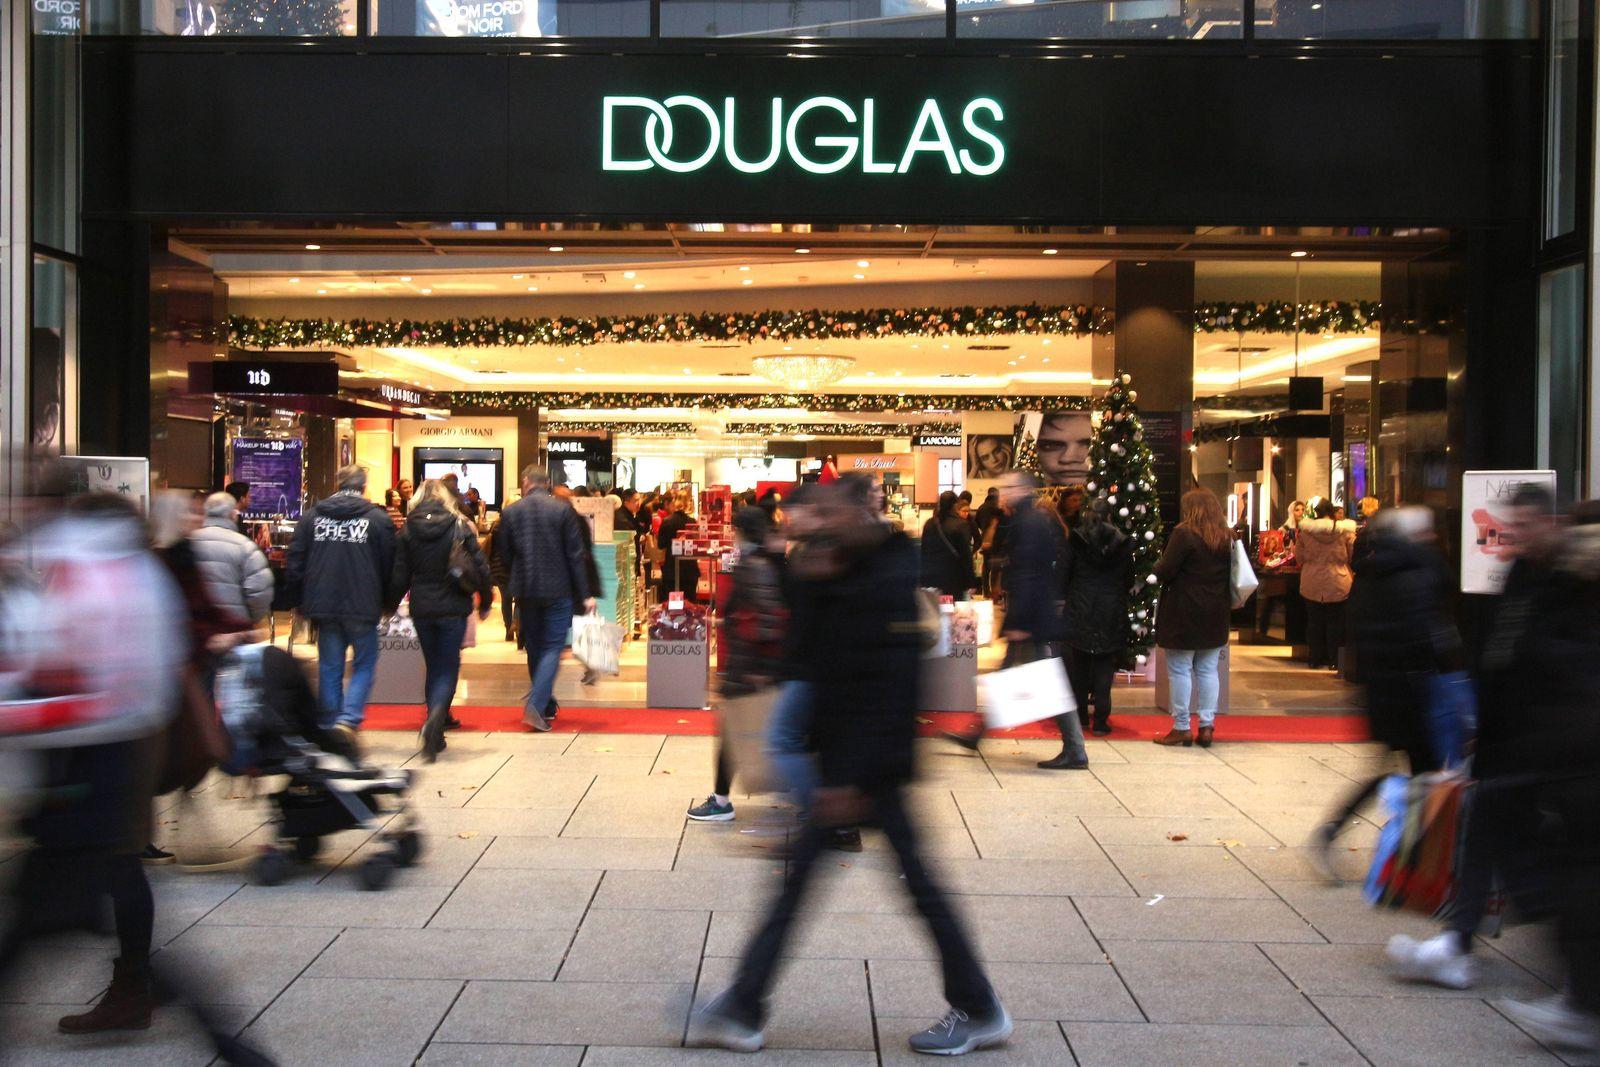 Kunden betreten eine Filiale der Parfümeriekette Douglas auf der Fußgängerzone Zeil in der Innenstadt Frankfurt, Hesen,